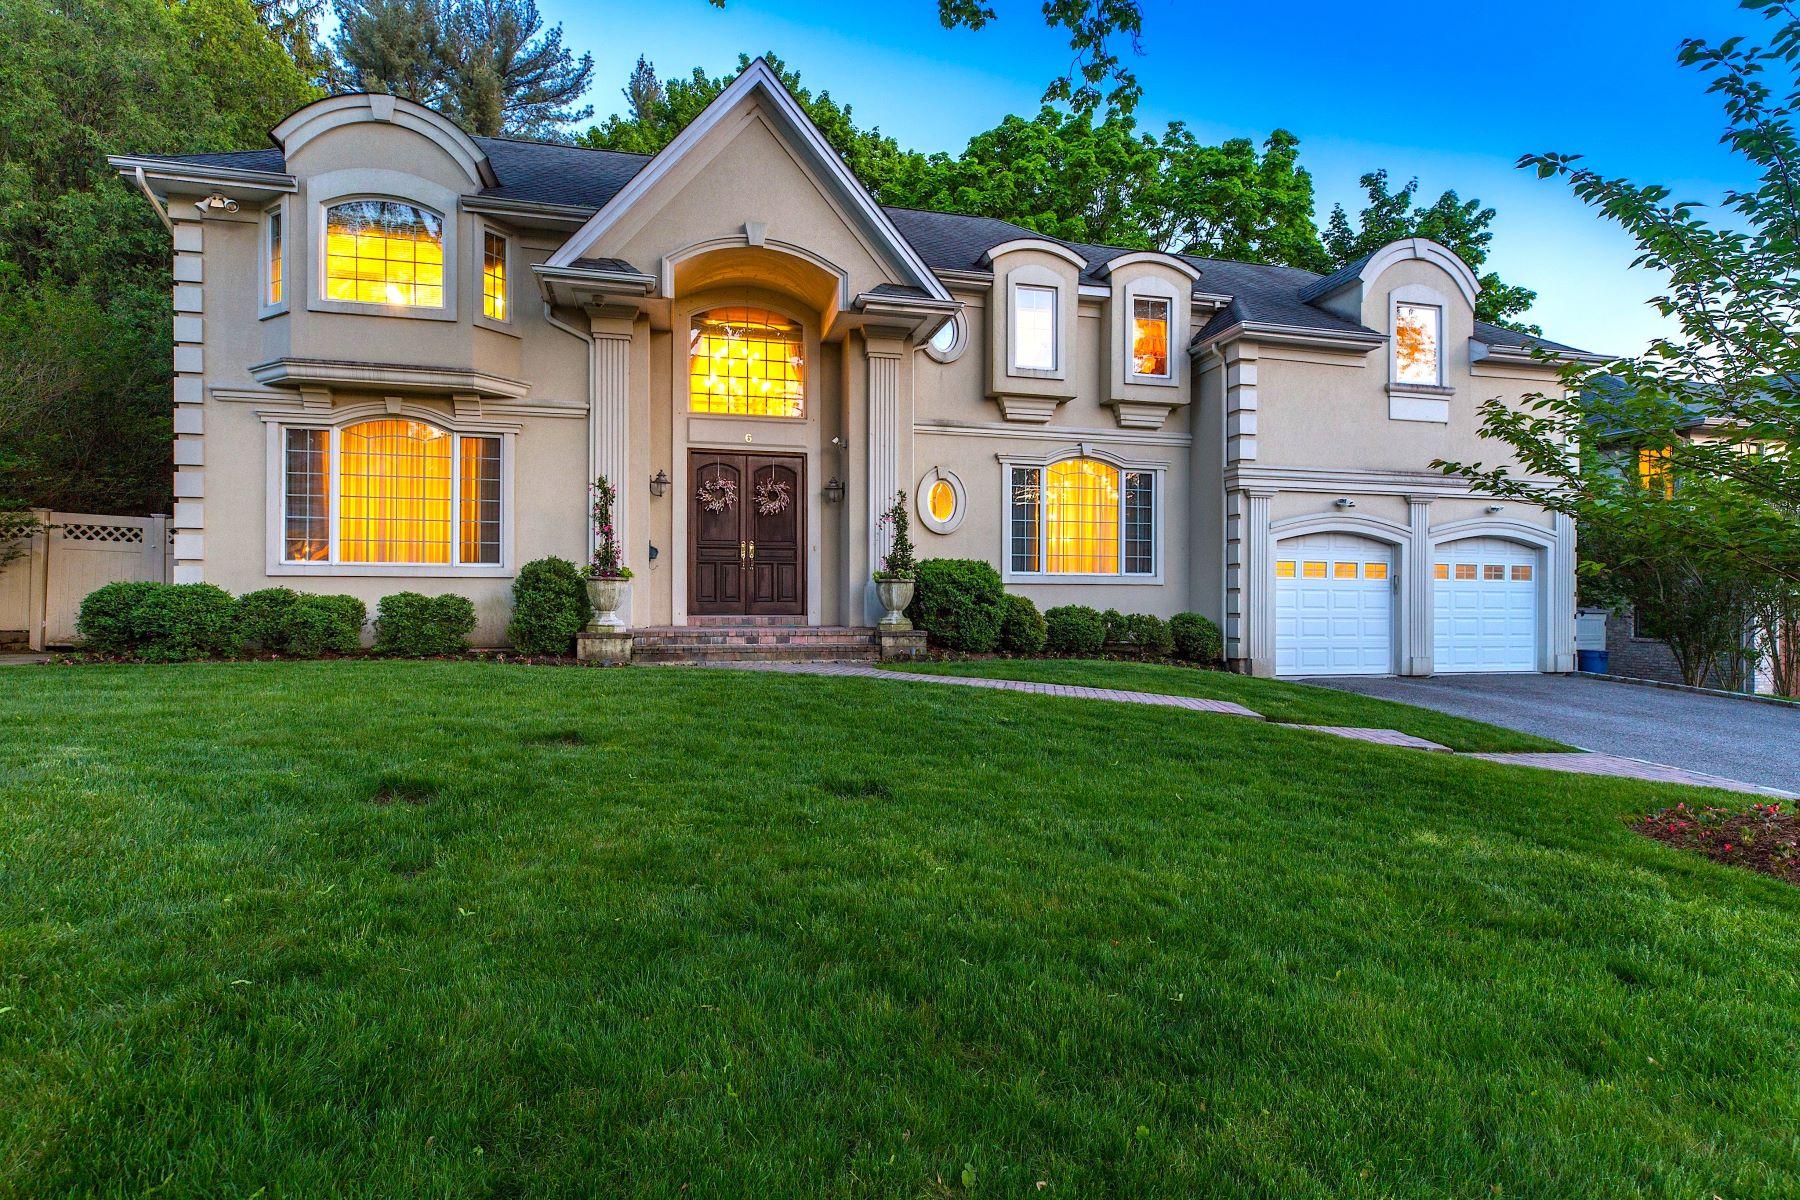 Частный односемейный дом для того Продажа на 6 Crabtree Ln , Roslyn, NY 11576 6 Crabtree Ln Roslyn, Нью-Йорк 11576 Соединенные Штаты